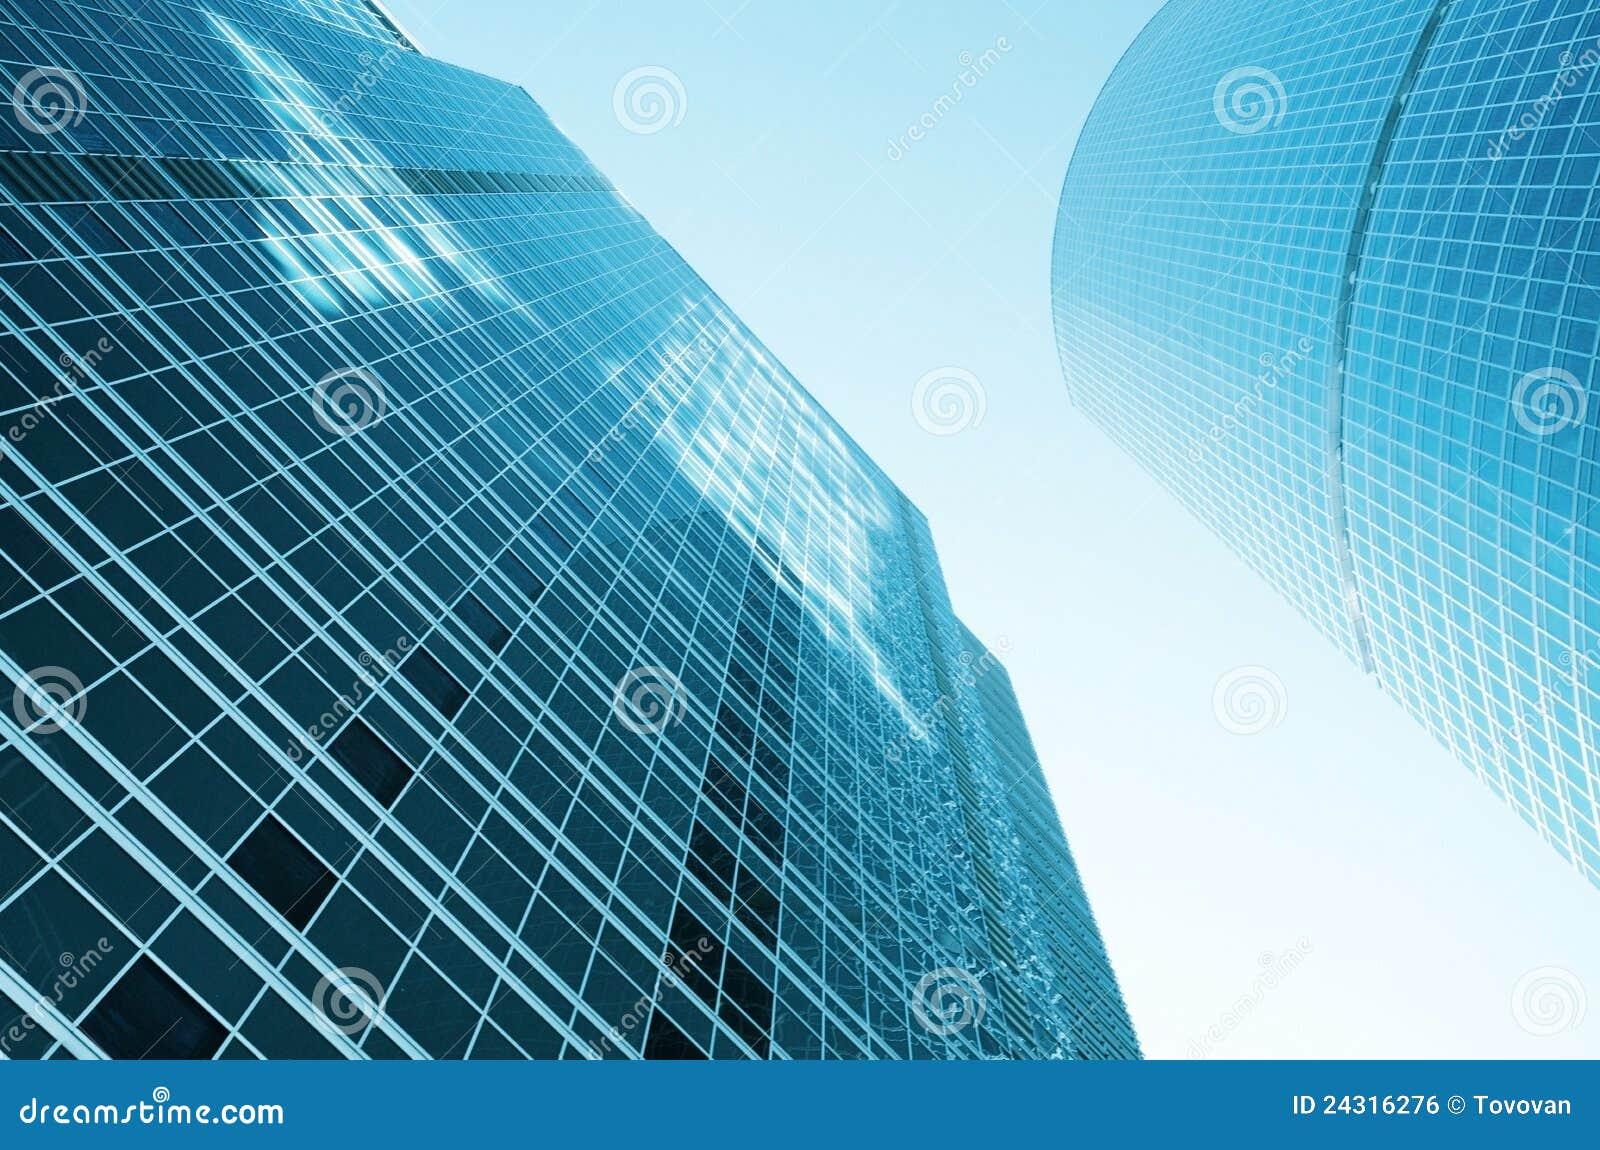 Construcciones de cristal modernas imagen de archivo libre for Construcciones modernas